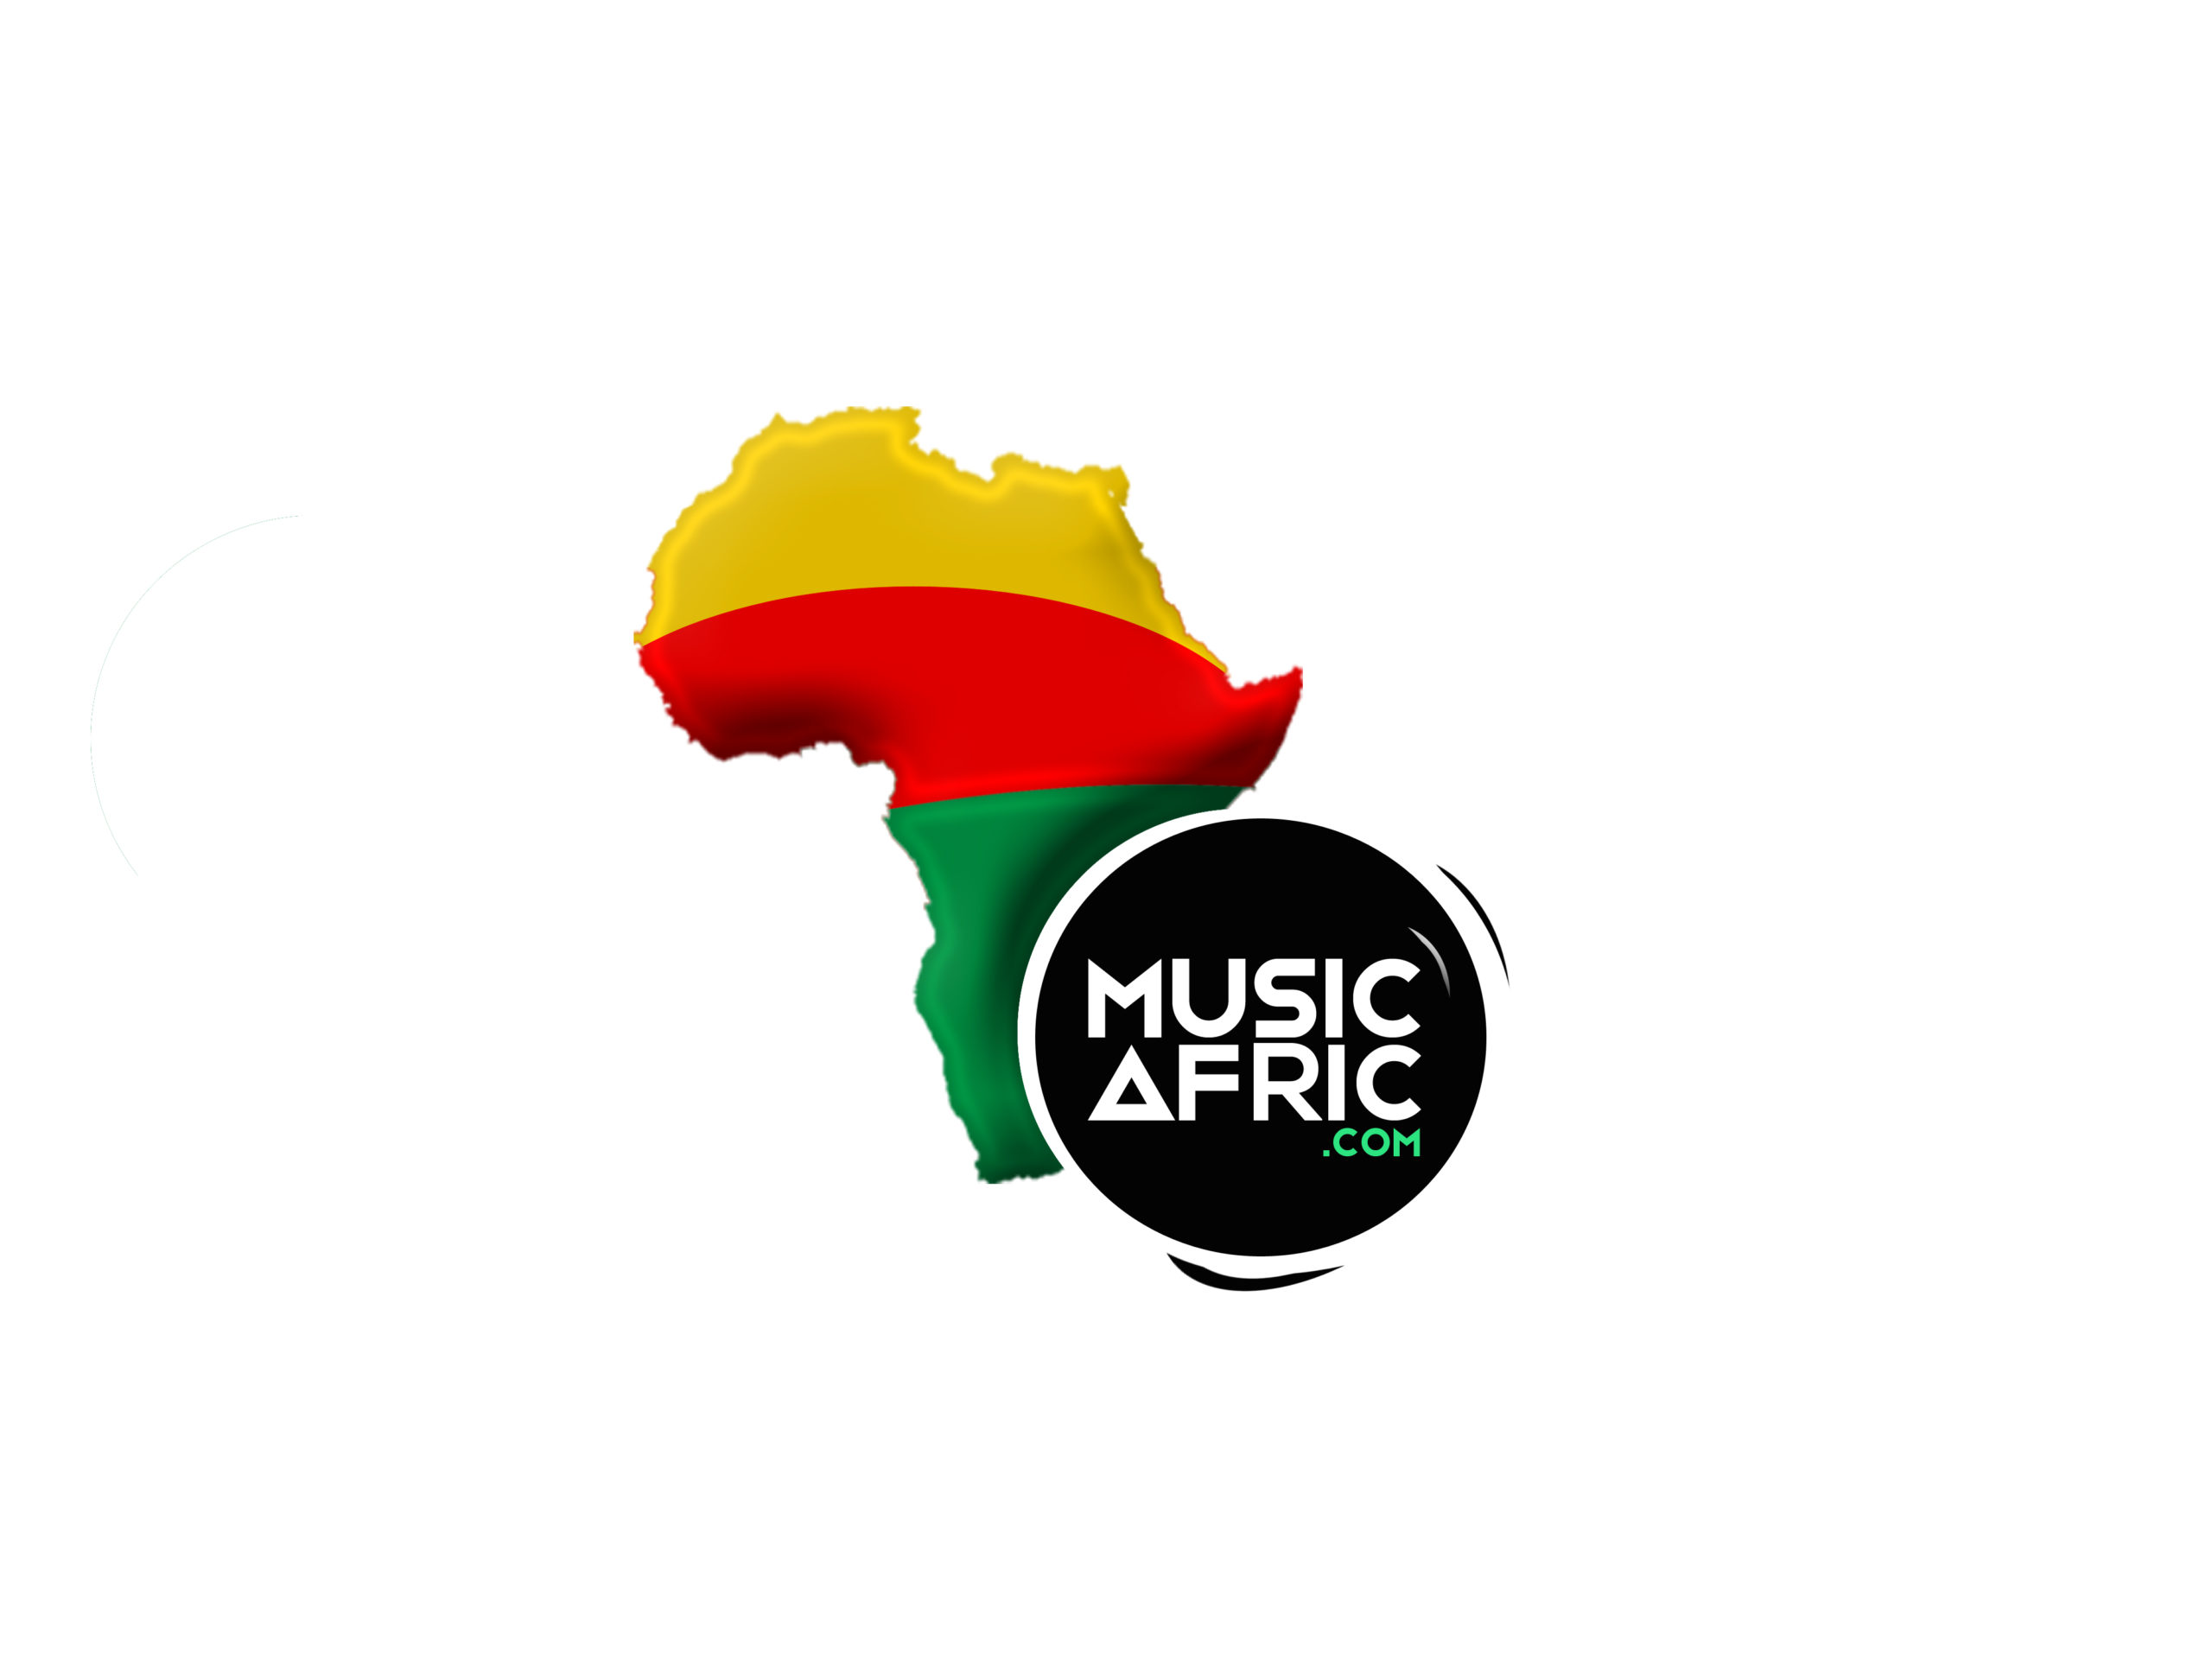 musicafrica logo2 - #Nigeria: Music: Cfranjiz – COVID-19 (Prod by Olando De Piano)